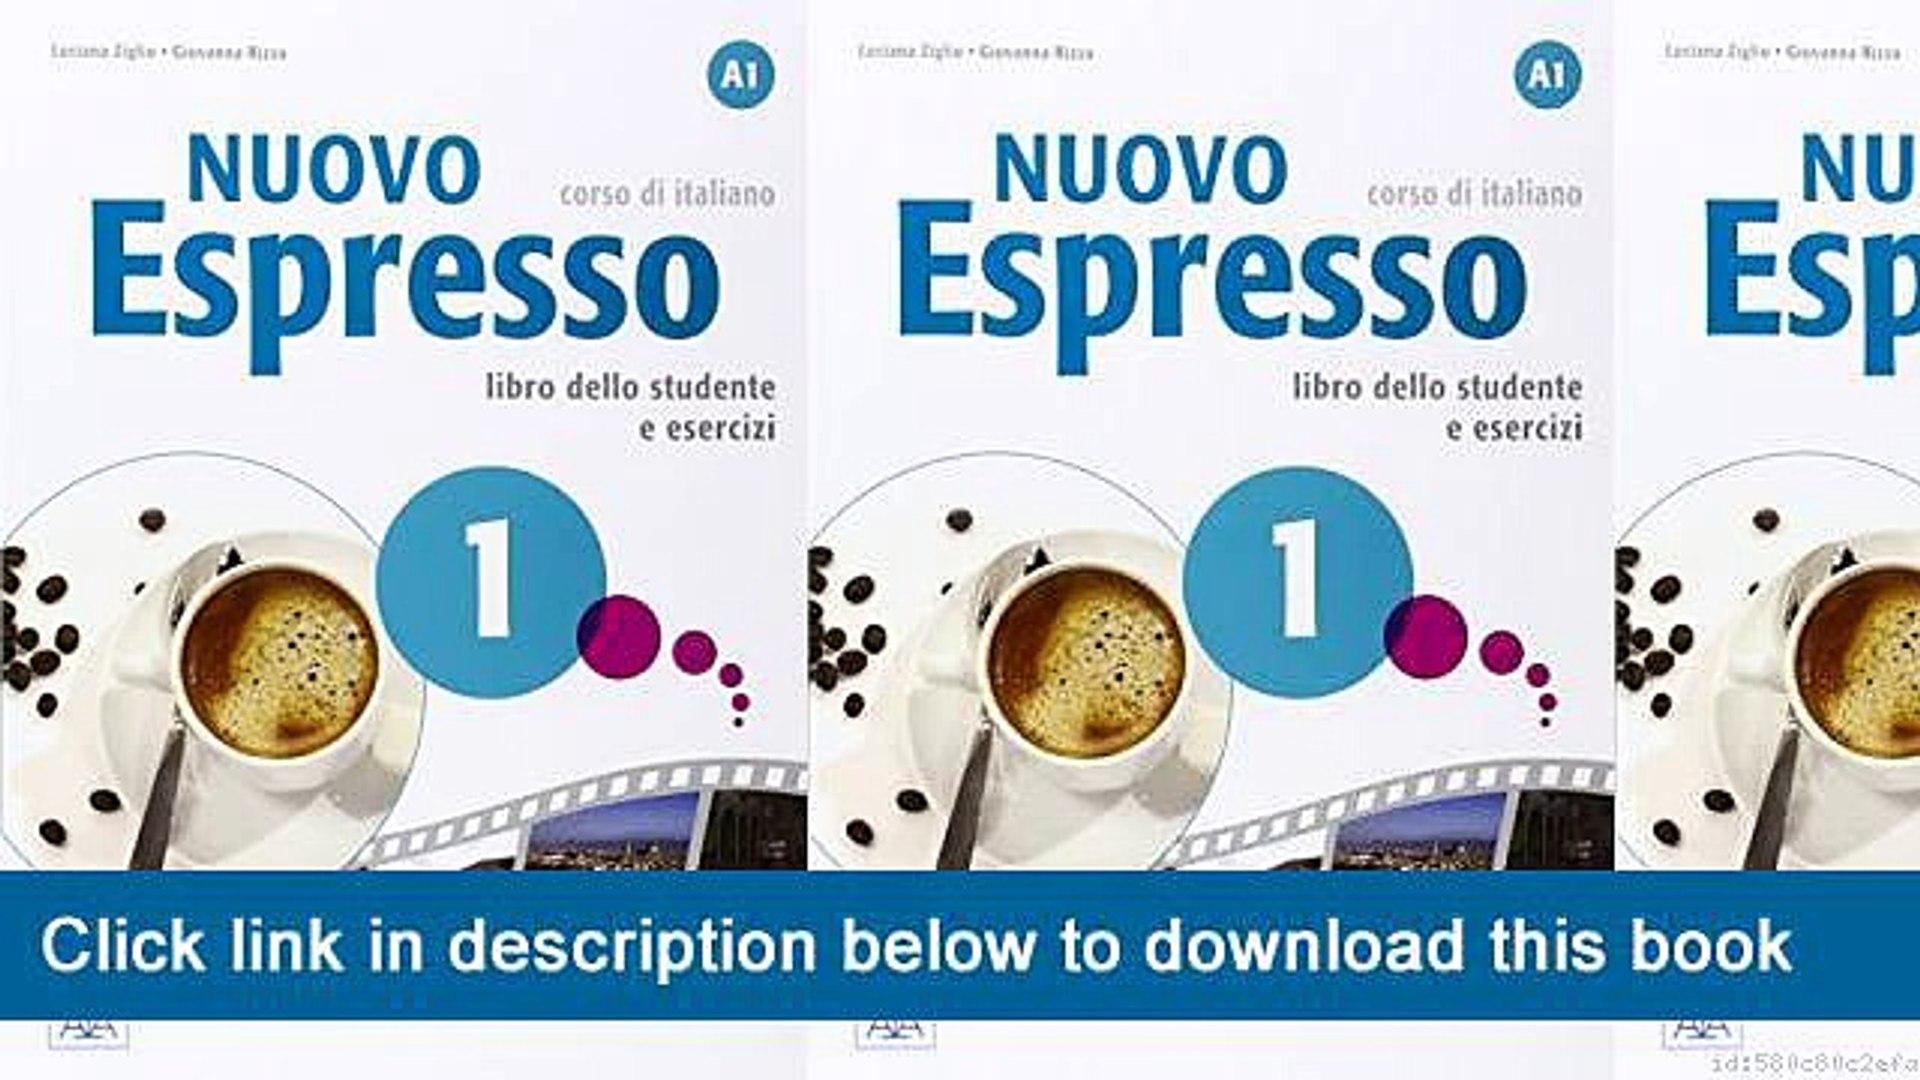 espresso 1 corso di italiano free download